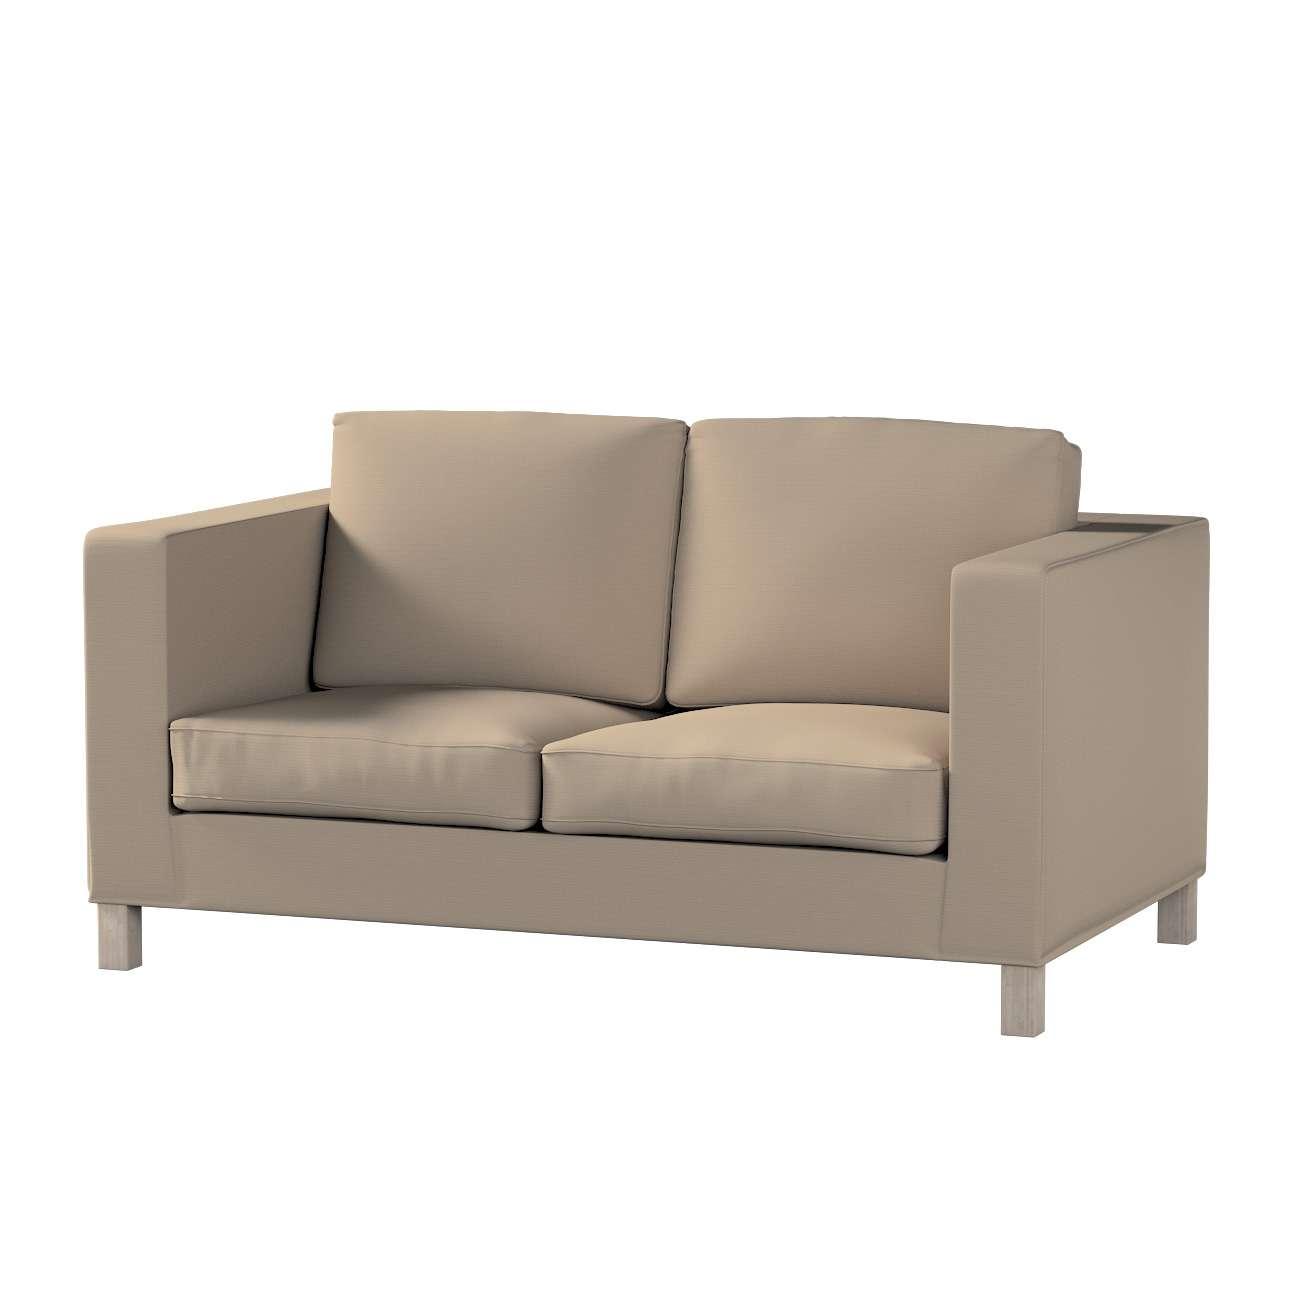 Potah na pohovku IKEA  Karlanda 2-místná, krátký pohovka Karlanda 2-os v kolekci Cotton Panama, látka: 702-28